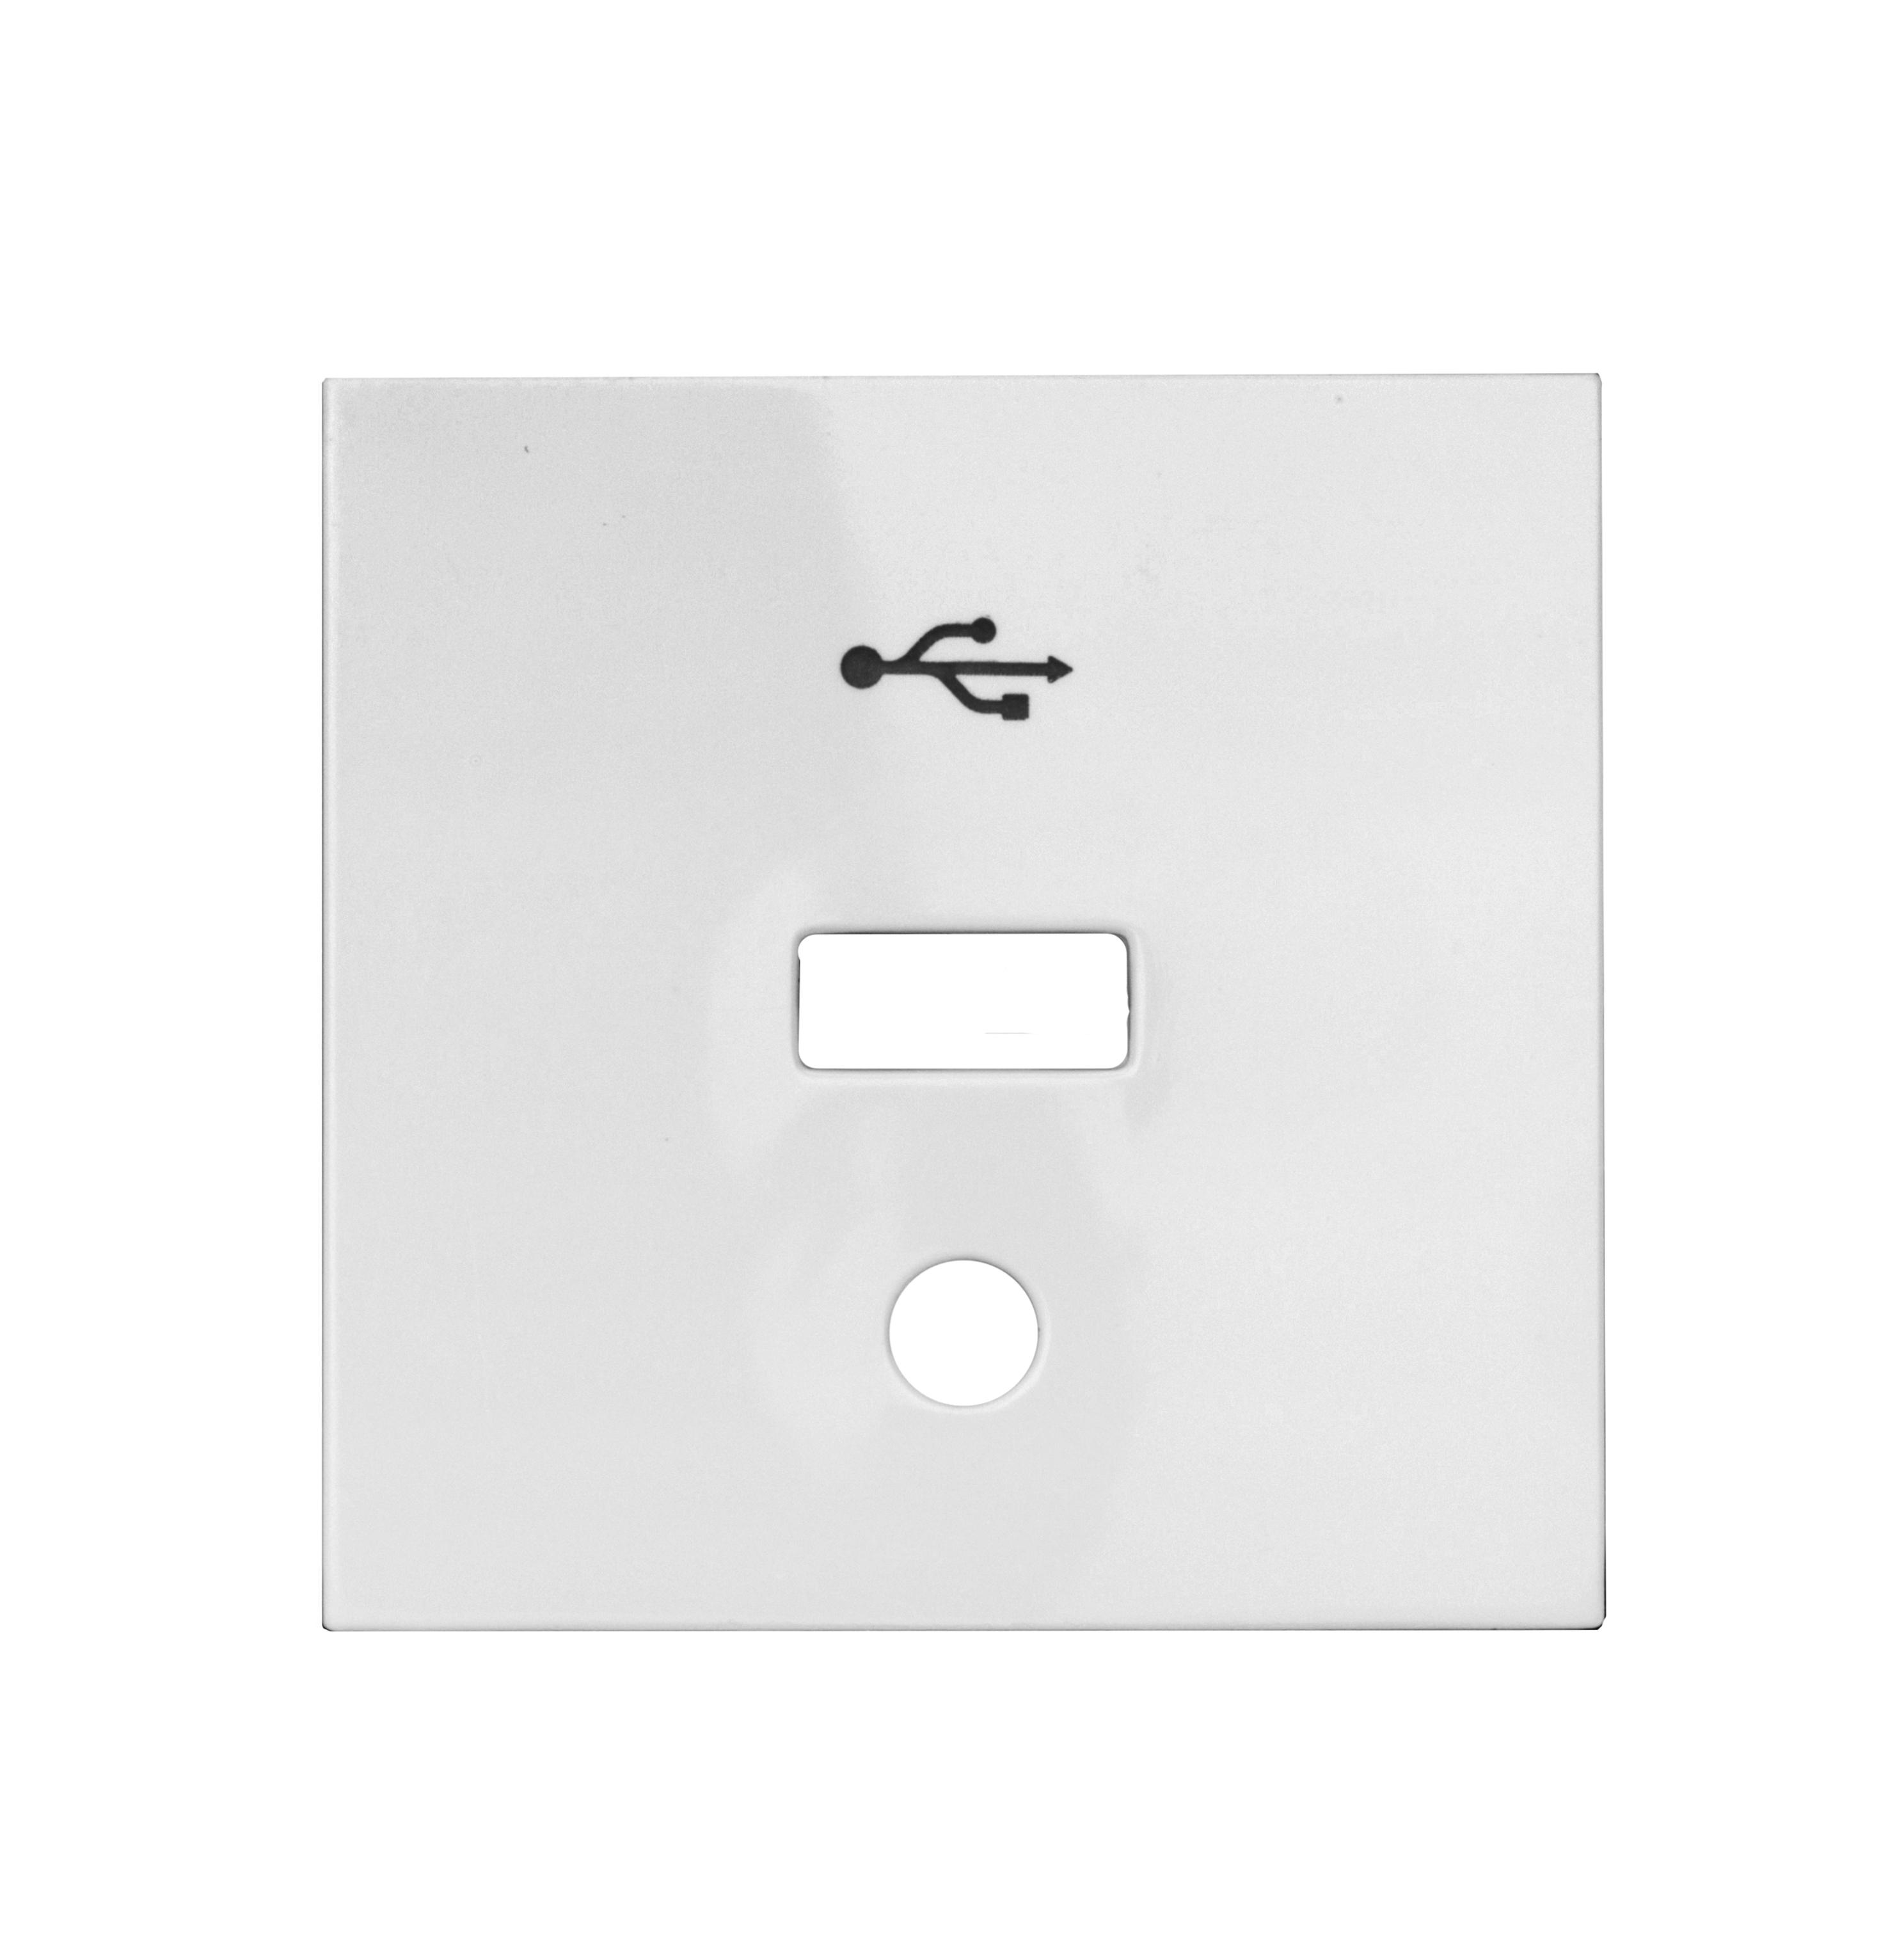 1 Stk USB Aufsatz, weiß EV104056--